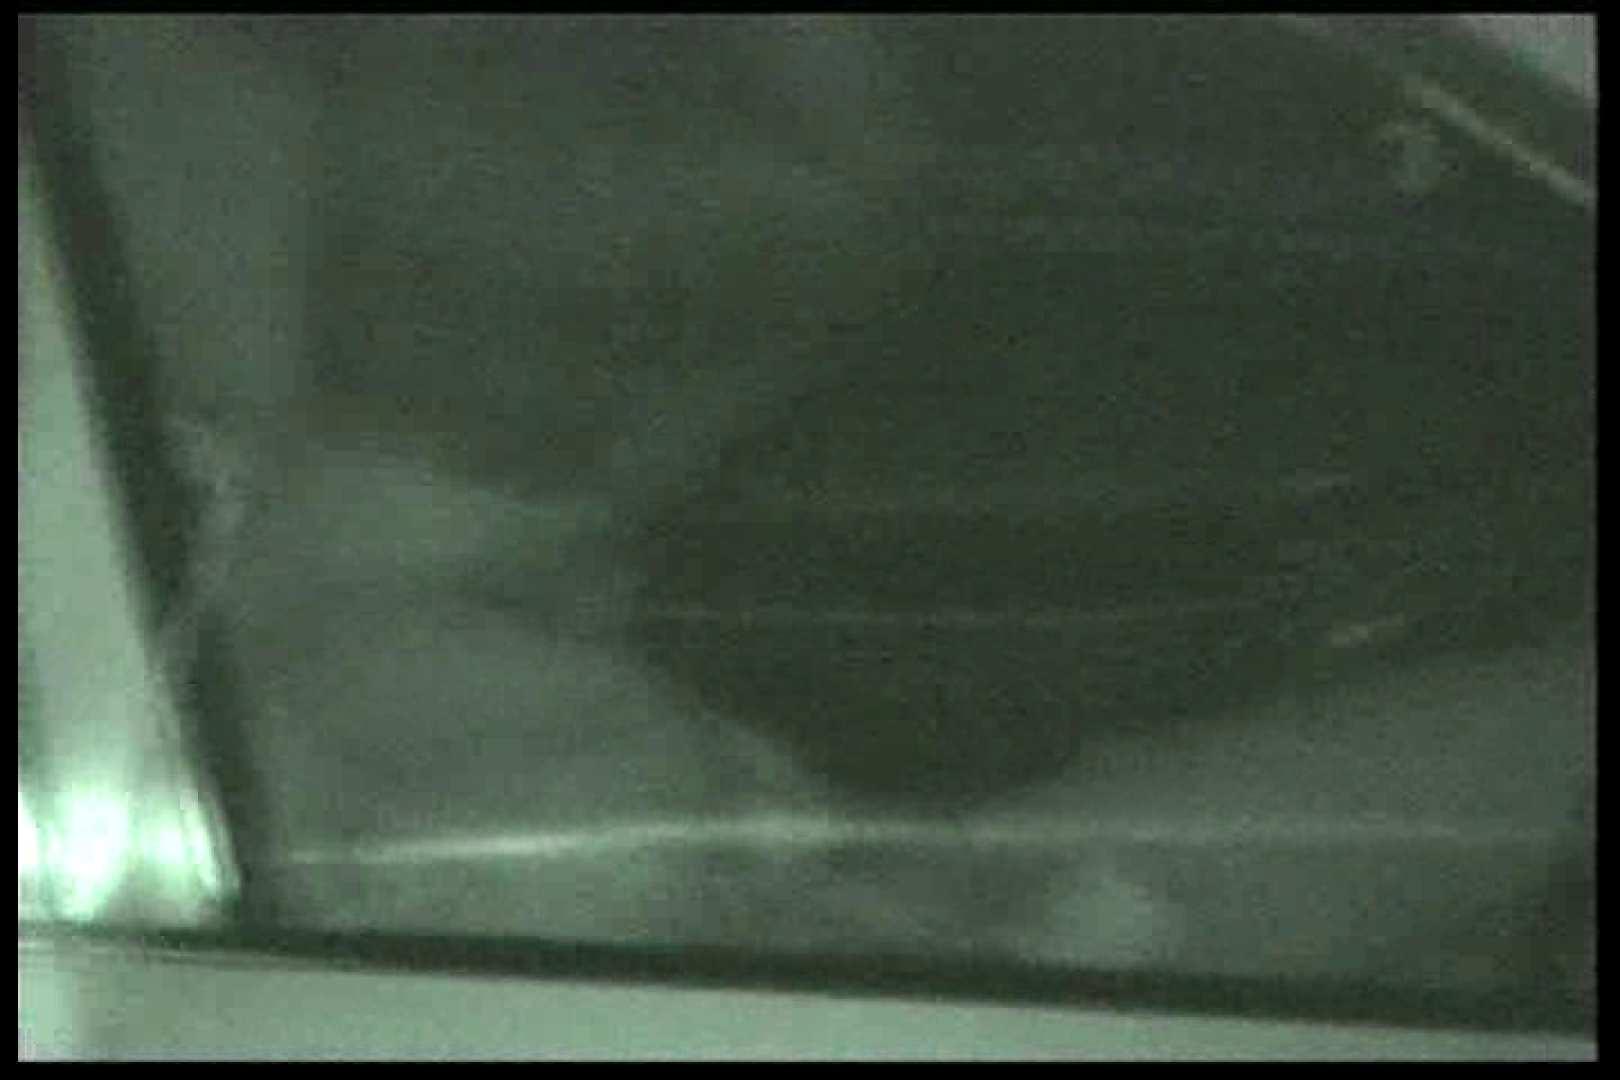 車の中はラブホテル 無修正版  Vol.15 赤外線 盗撮動画紹介 89pic 12